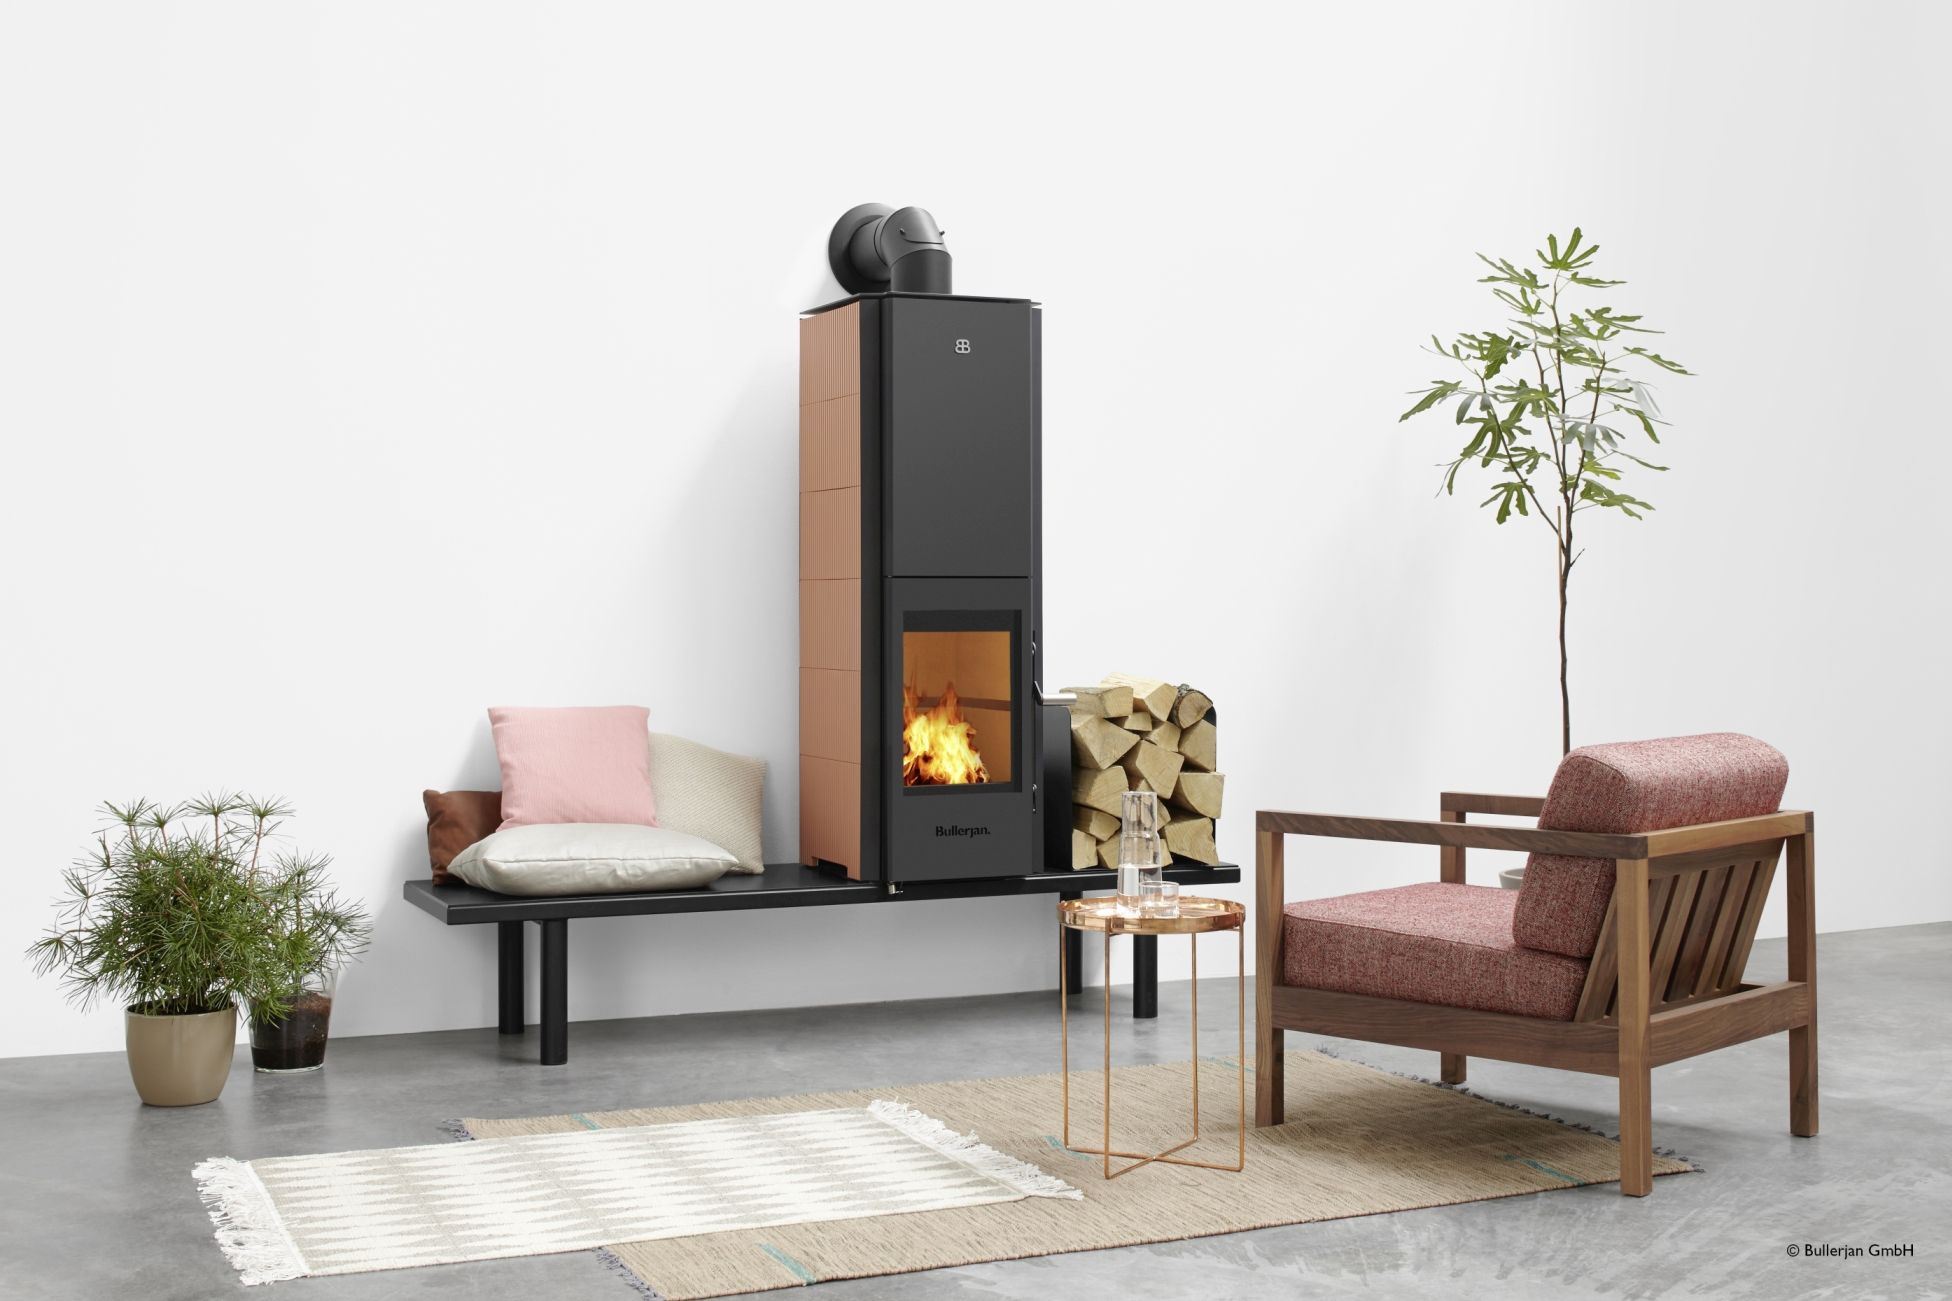 kaminofen bullerjan b ceramic pfirsich matt von bullerjan. Black Bedroom Furniture Sets. Home Design Ideas